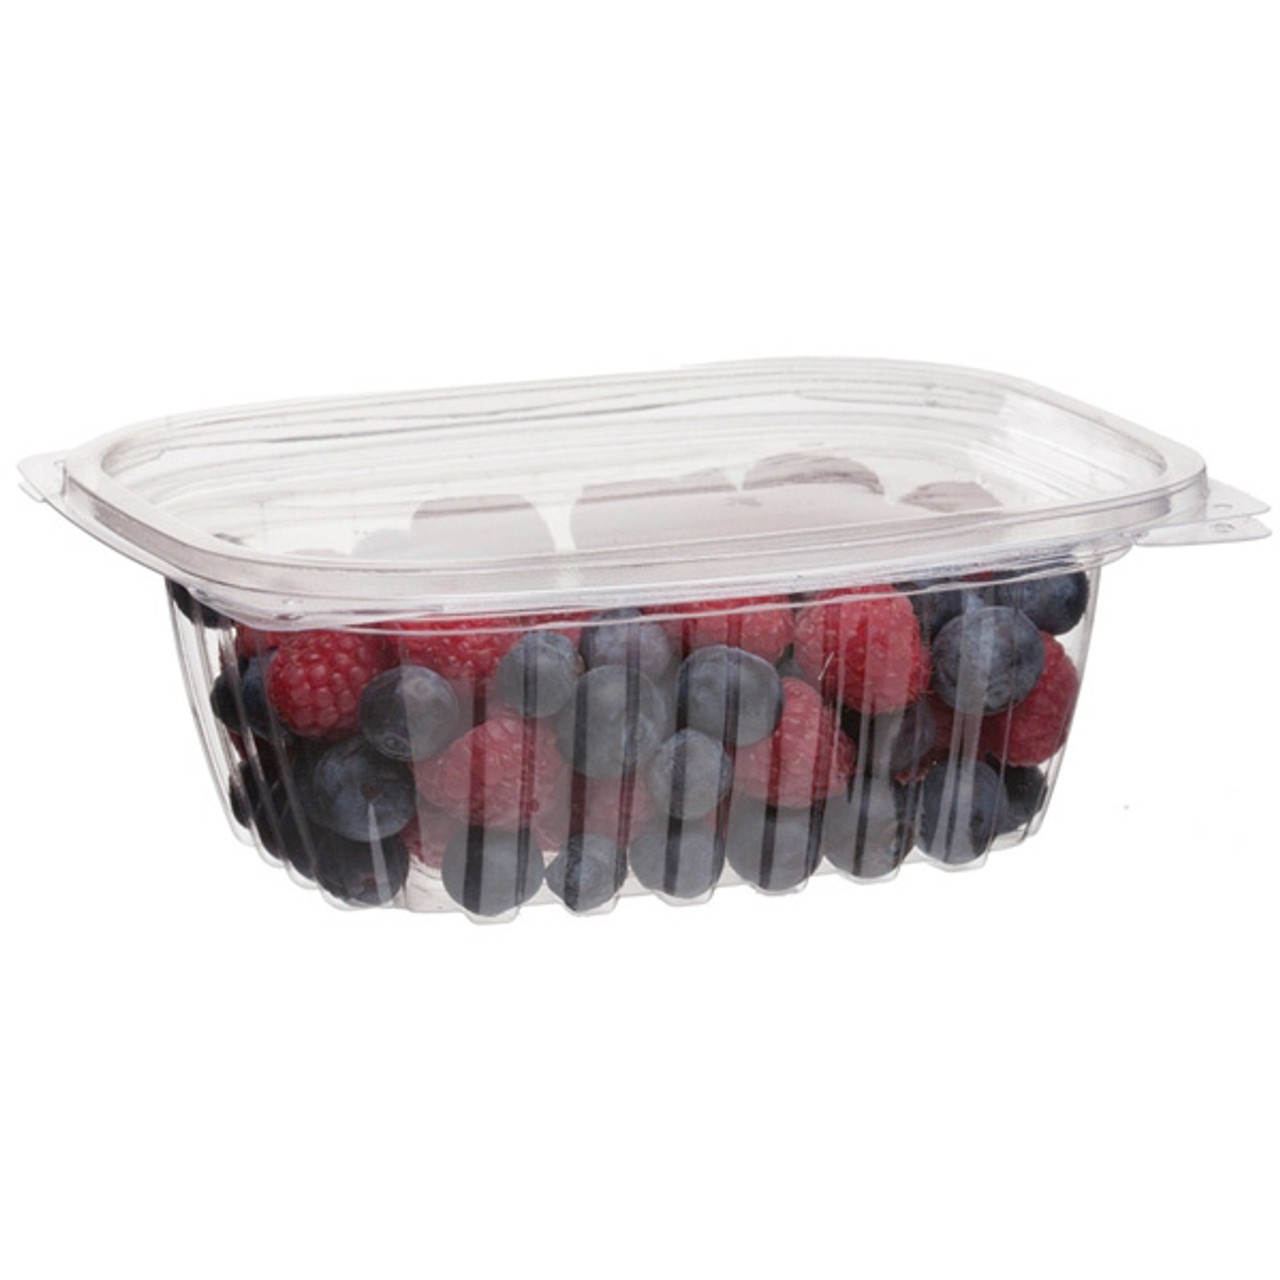 Rectangular Deli Container w/Lid - 12oz